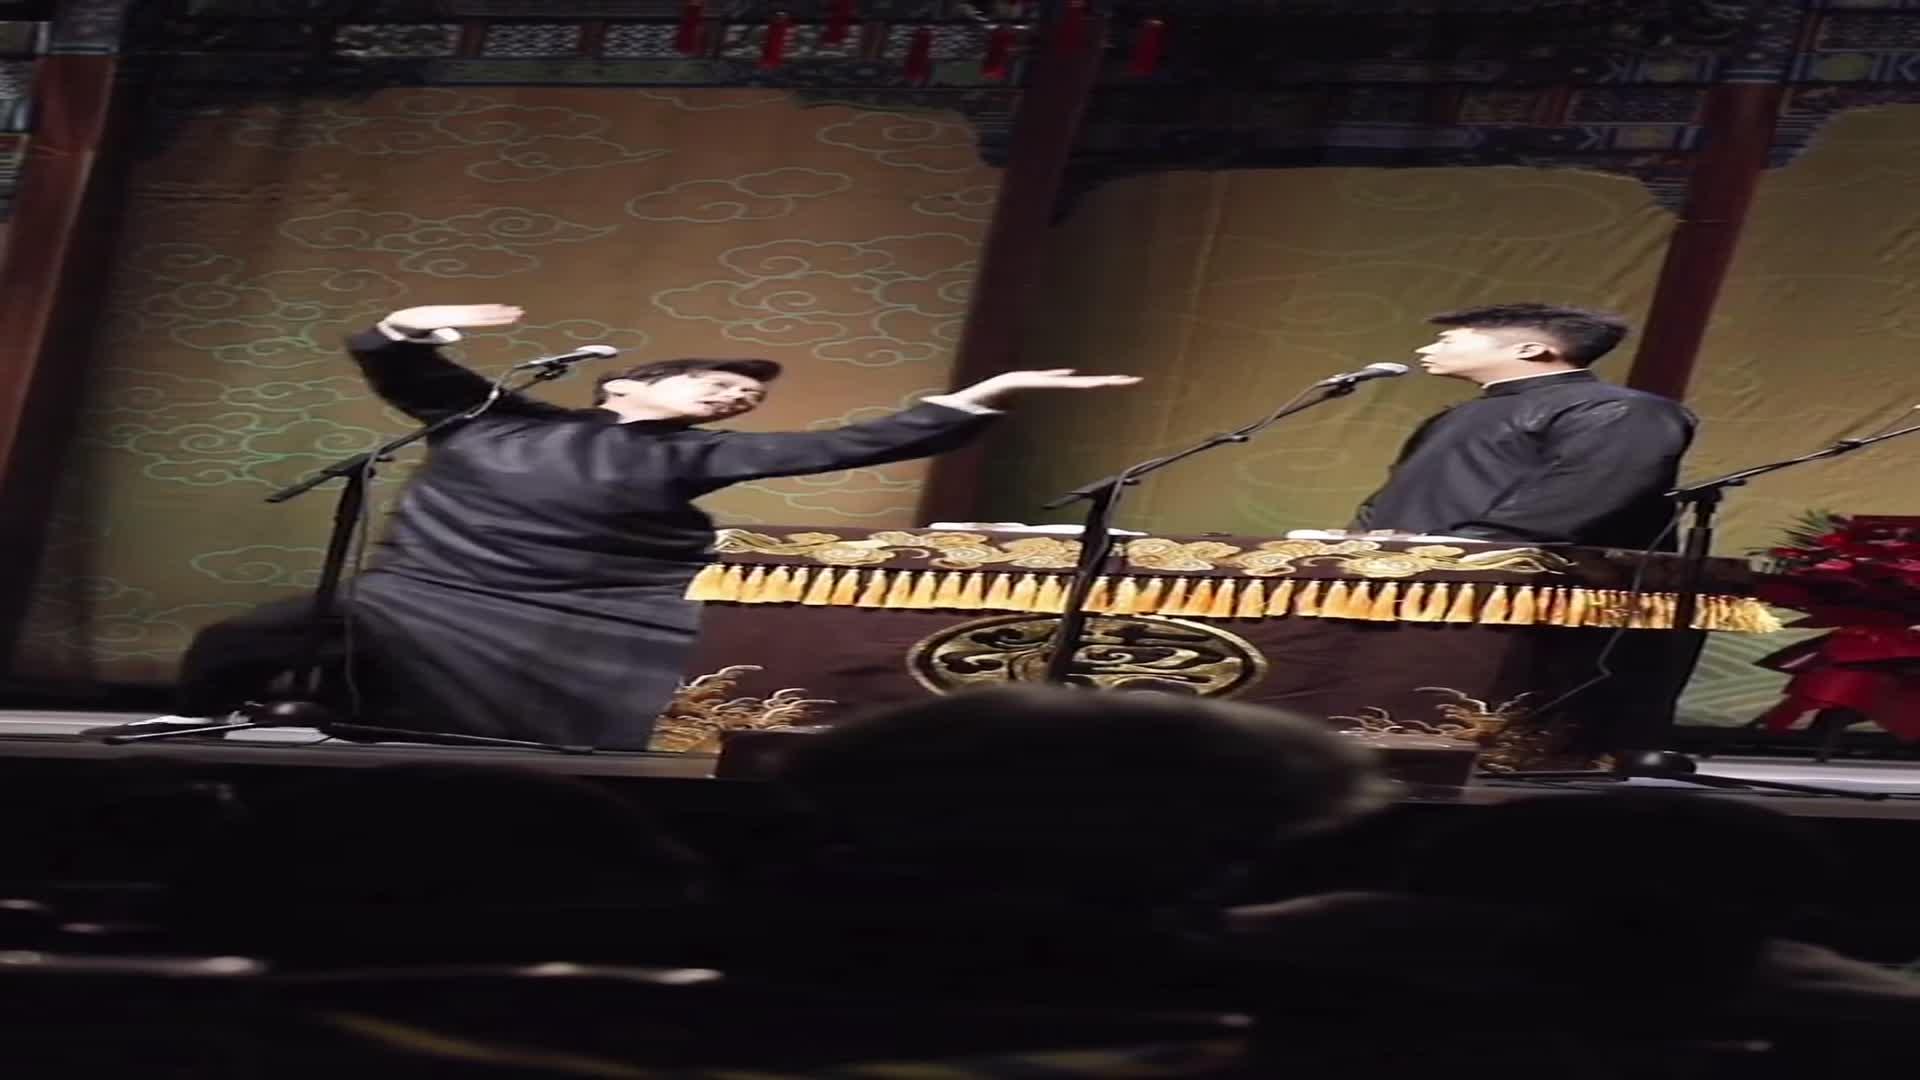 孟鹤堂周九良助演郭德纲于谦合作20周年太有趣了!